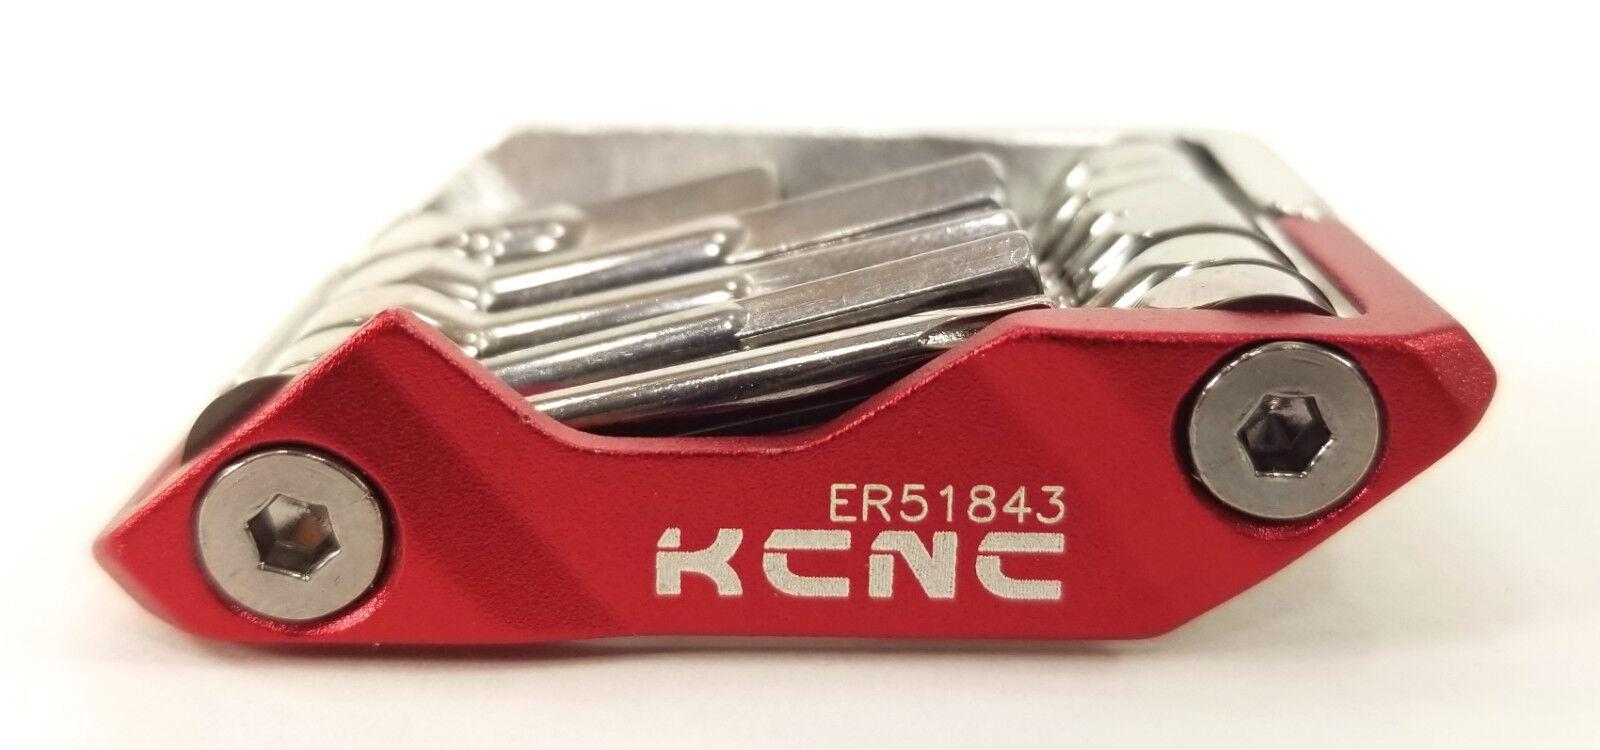 KCNC Bicicleta Herramienta  Multi Mini 12 funciones 90g  tomamos a los clientes como nuestro dios